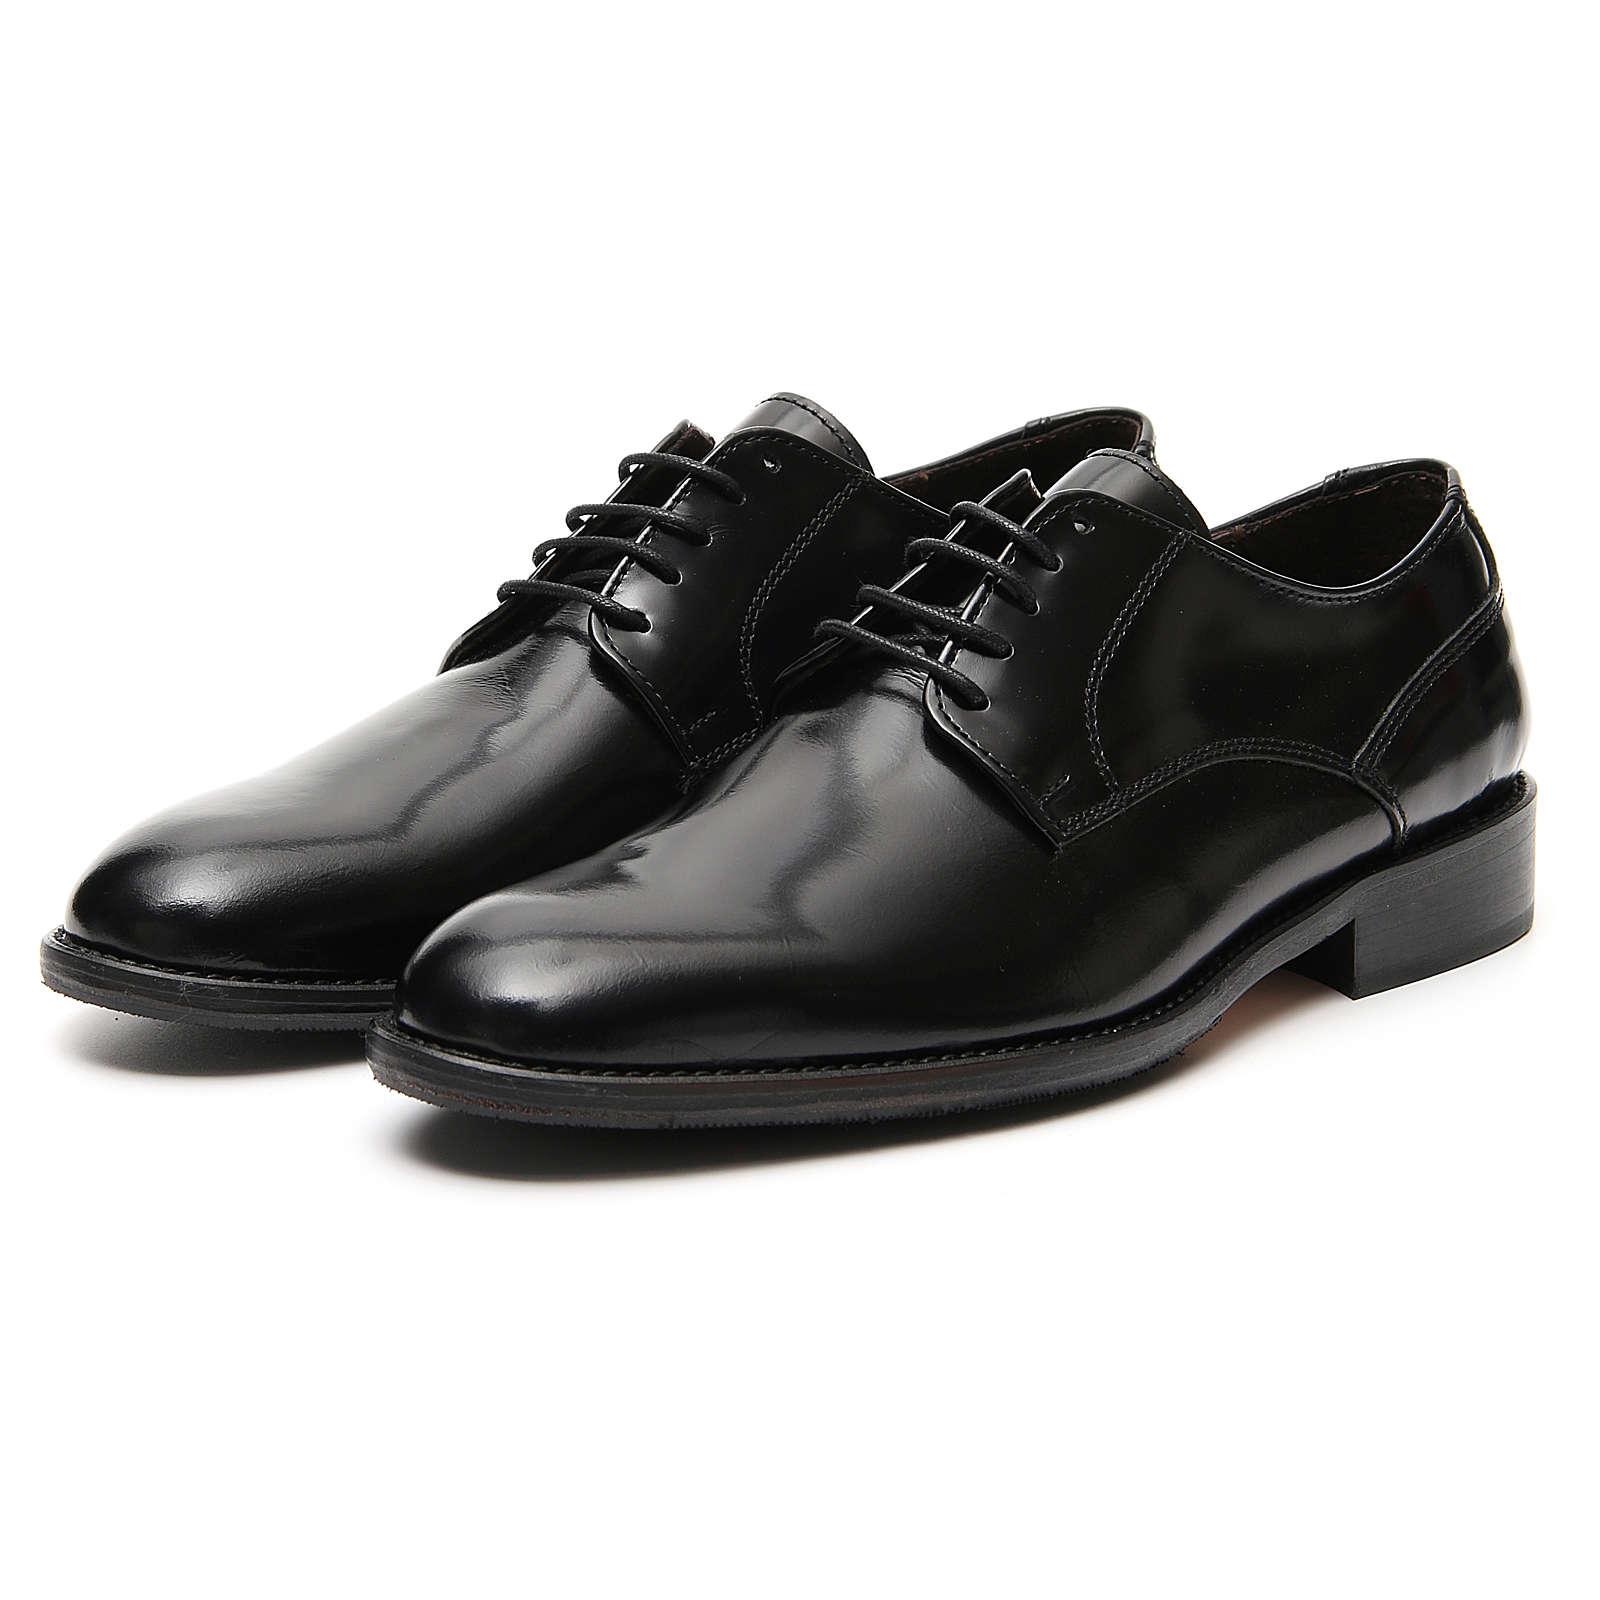 Zapatos de cuero abrasivado negro liso 4